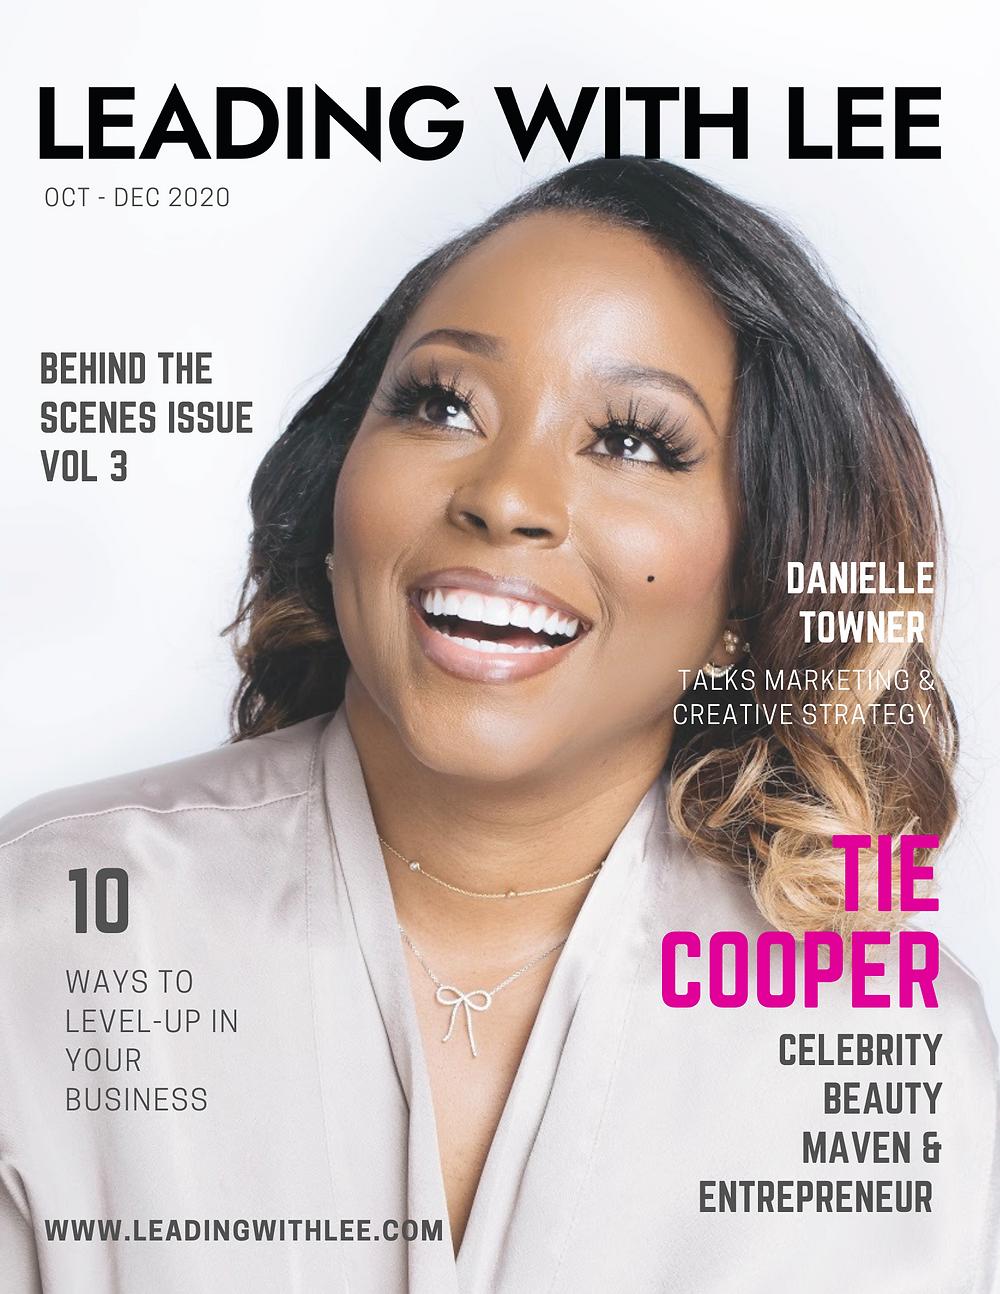 Leading with Lee magazine, Tie Cooper